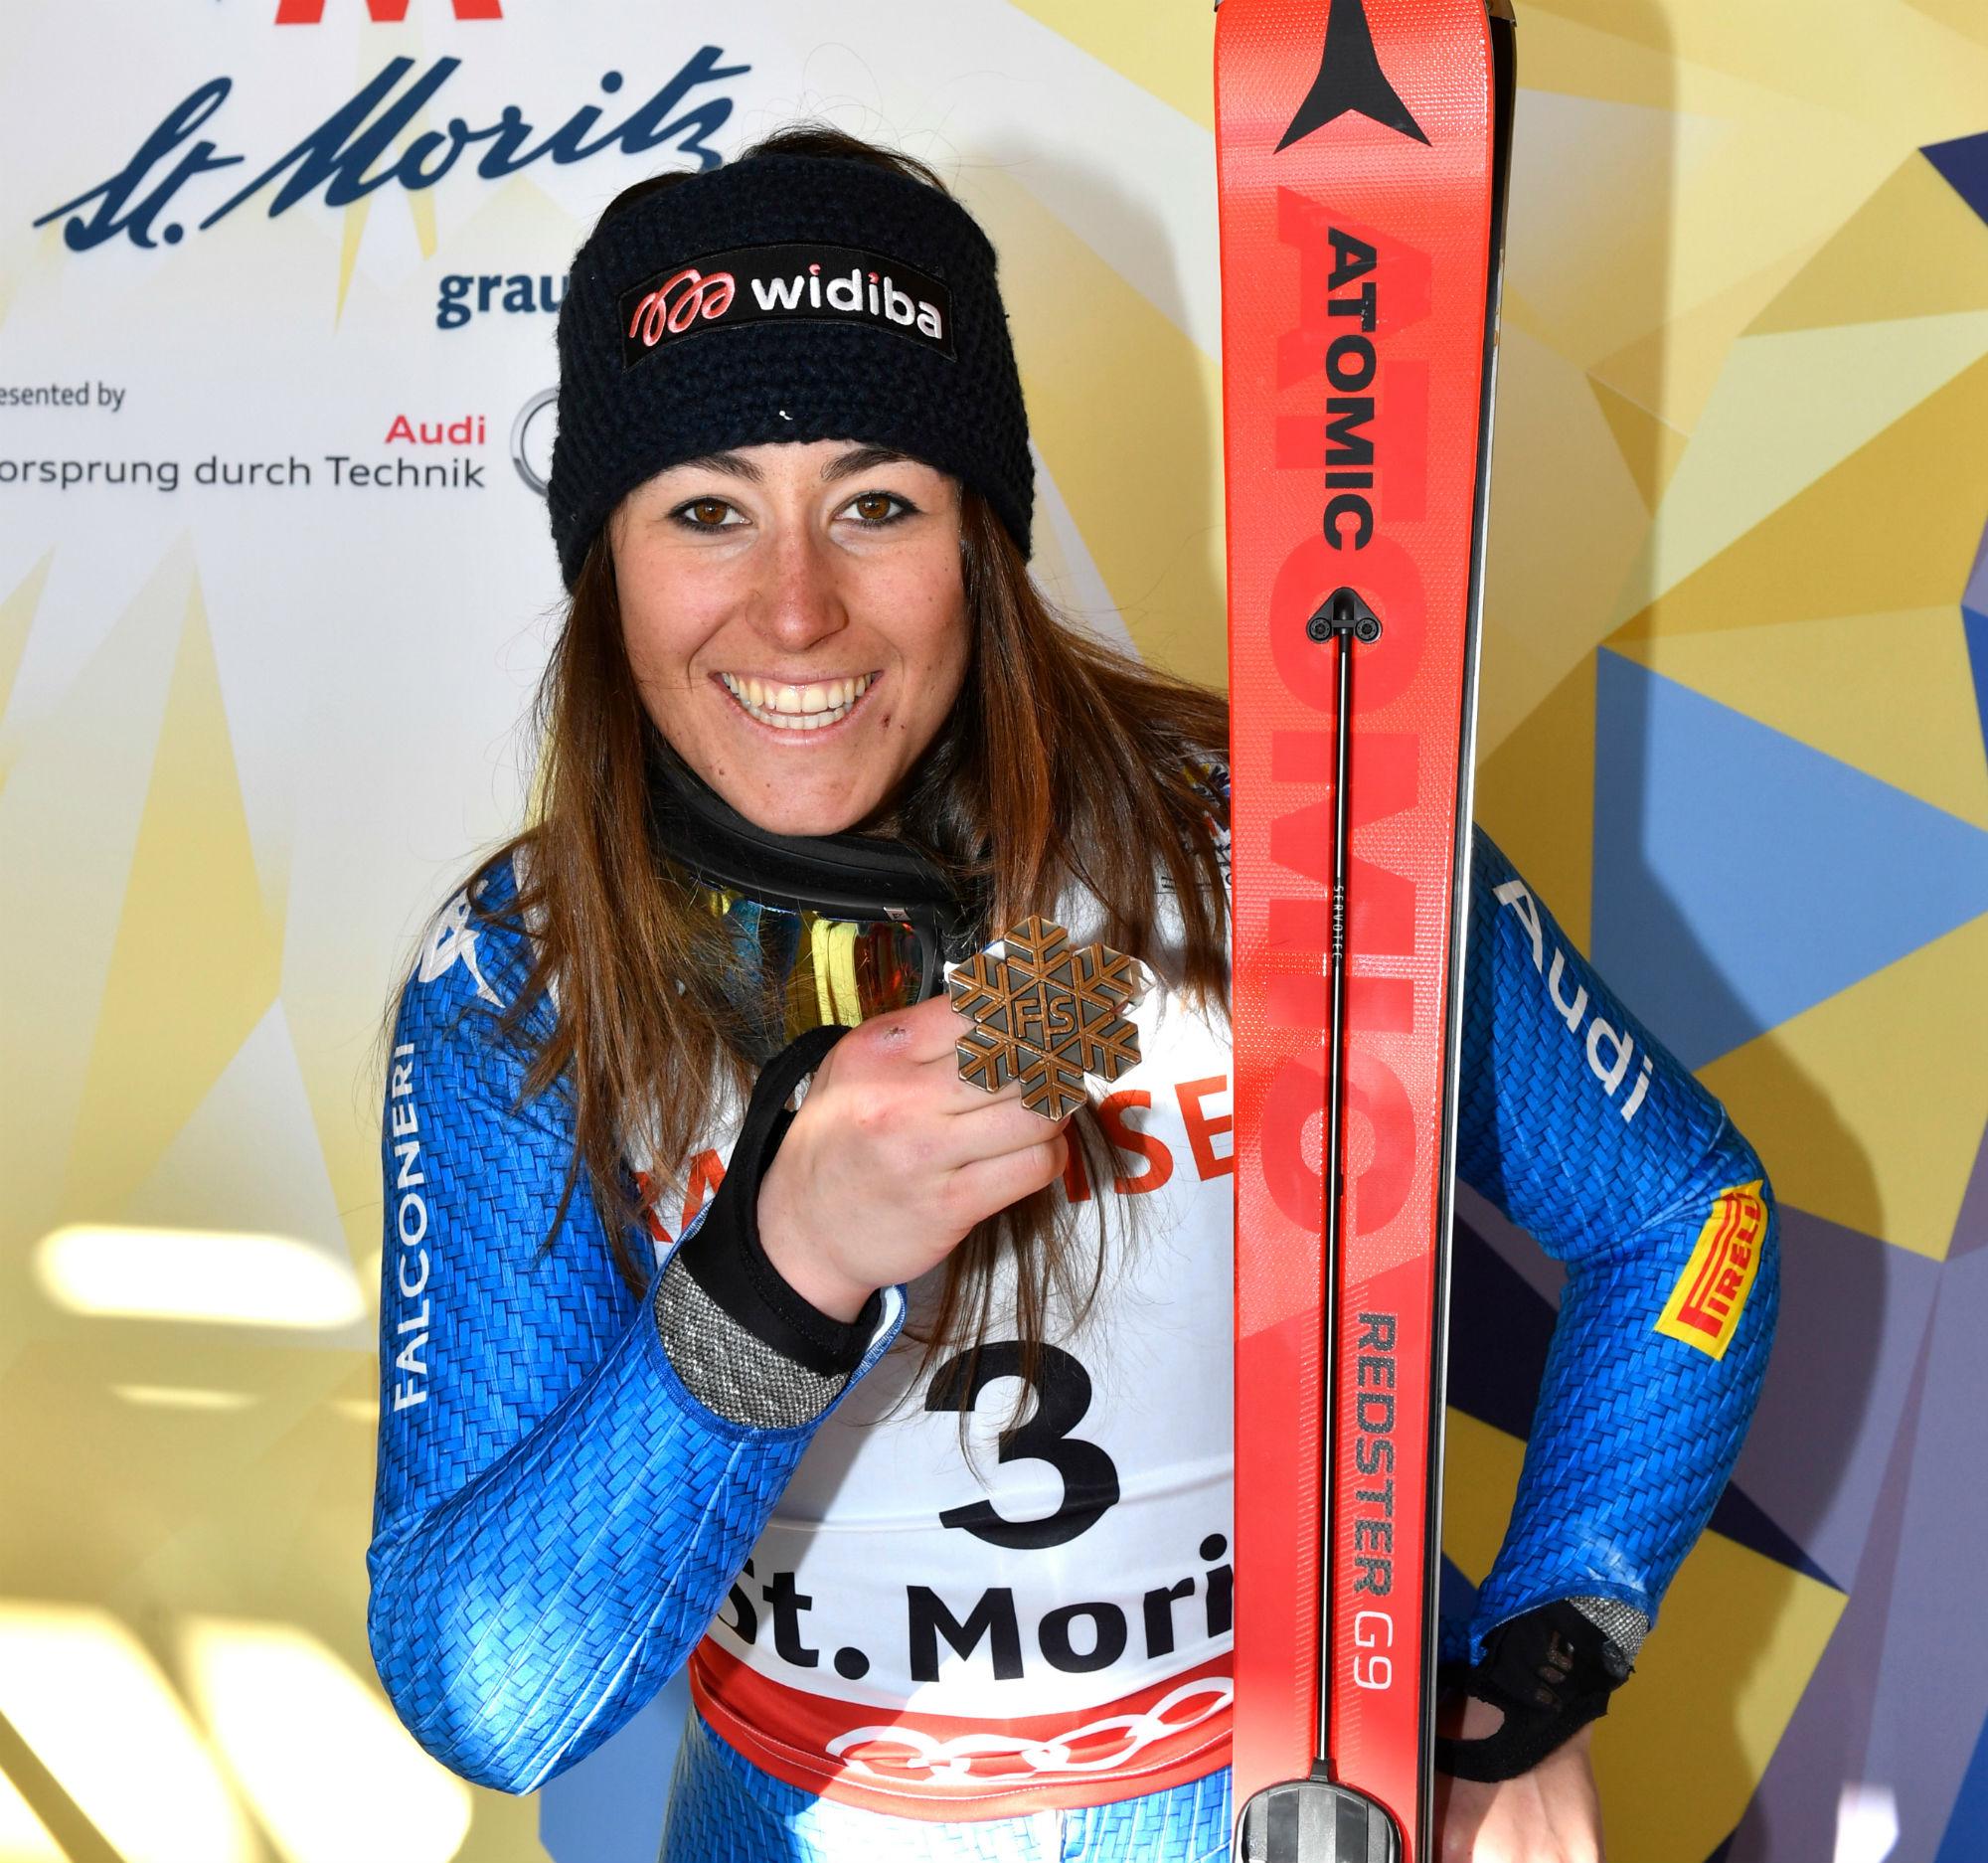 Sofia Goggia con il bronzo iridato conquistato in gigante a St. Moritz (@Gepa Atomic)